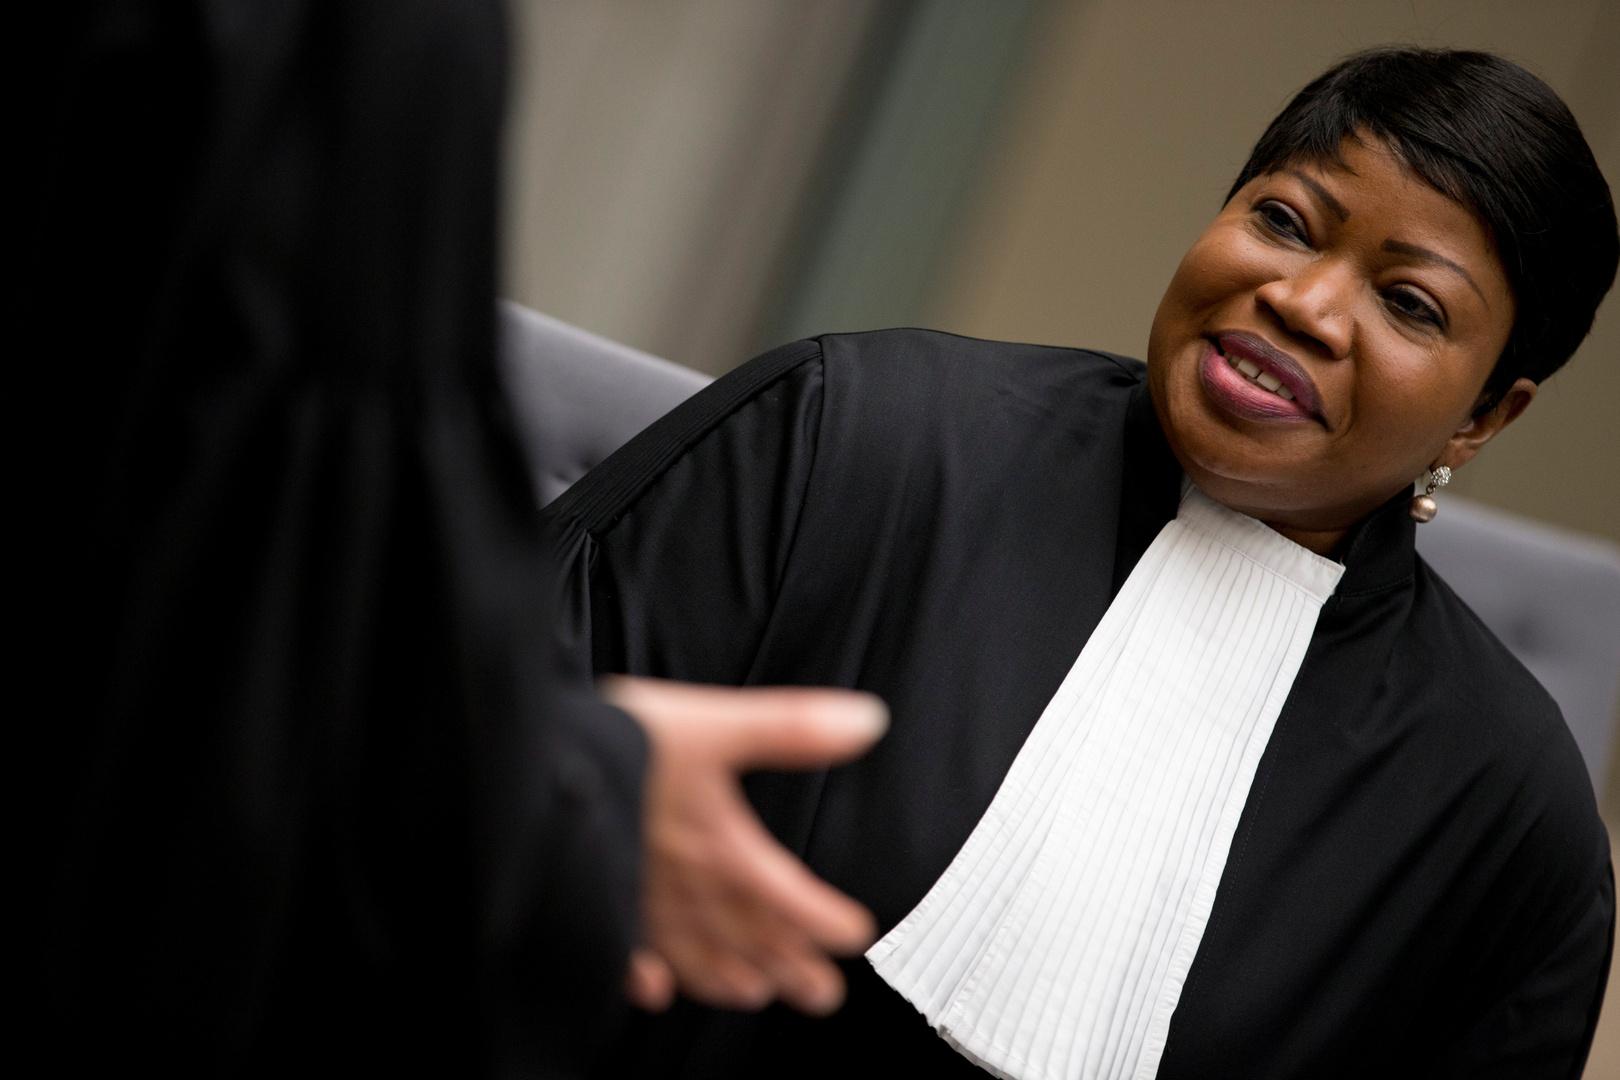 بعد الفشل في التوافق.. أعضاء المحكمة الجنائية الدولية ينتخبون مدعيا عاما جديدا خلفا لبنسودا